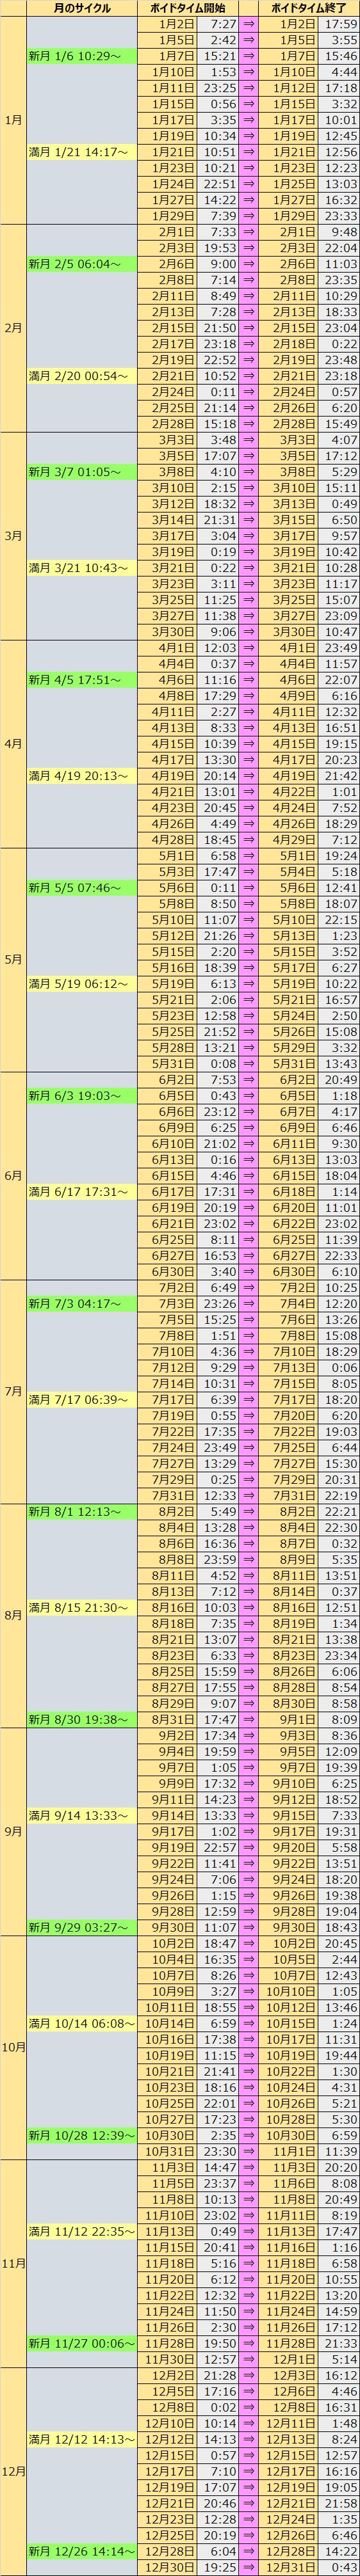 満月 新 月 カレンダー ボイド タイム